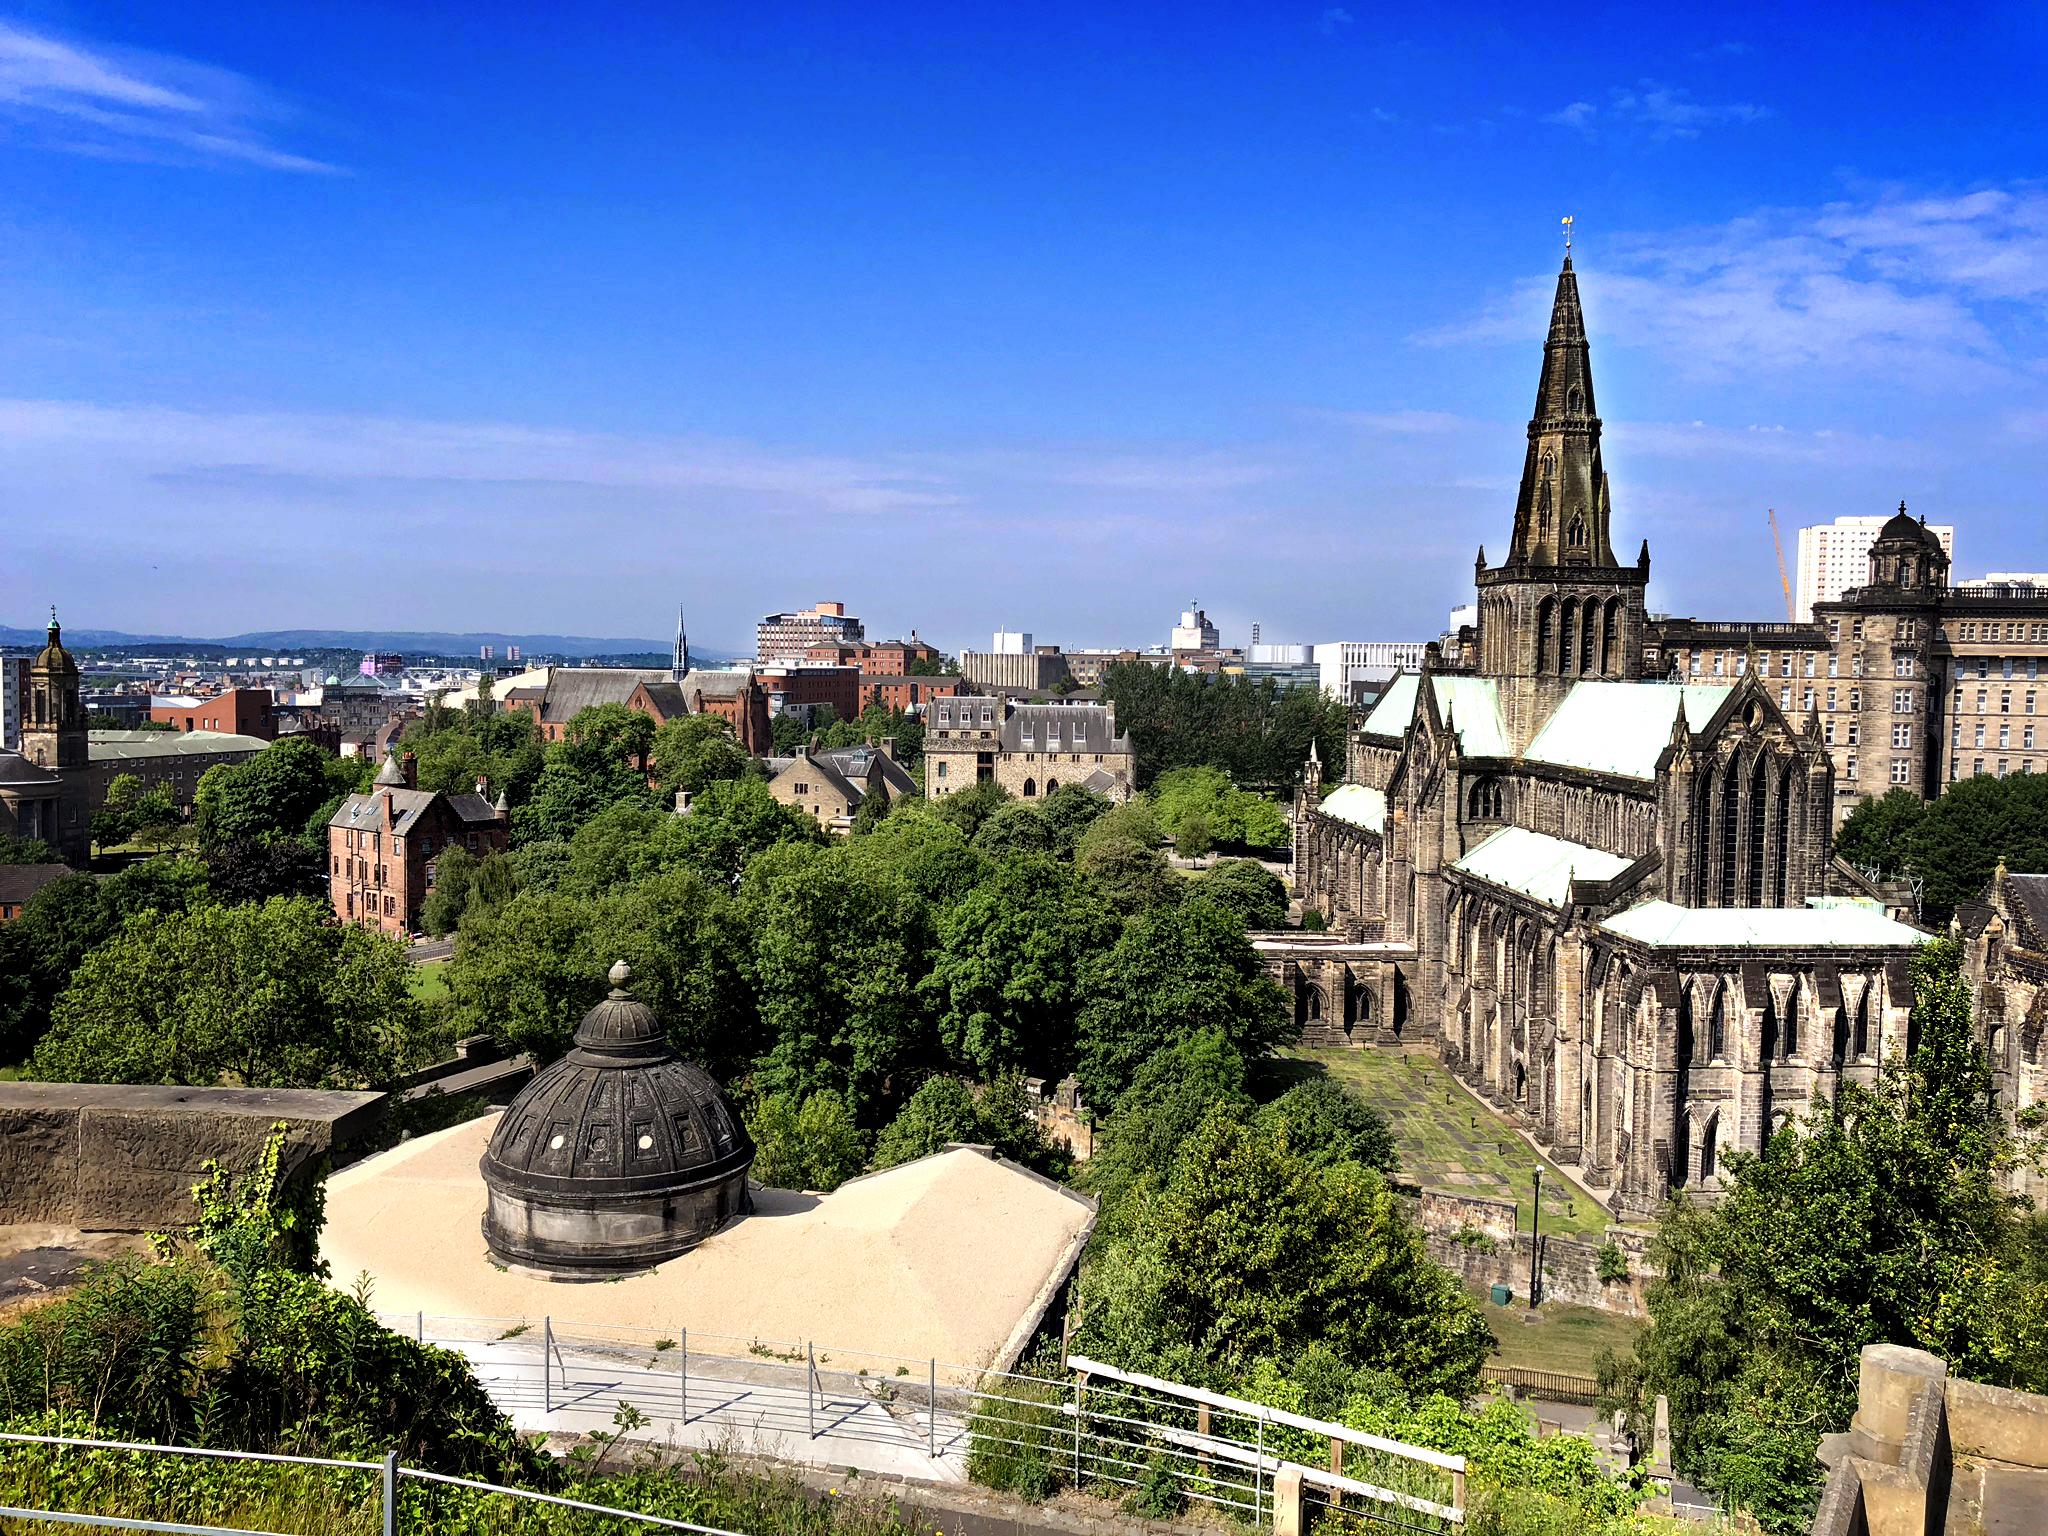 Glasgow, la ciudad escocesa con uno de los cementerios más espectaculares